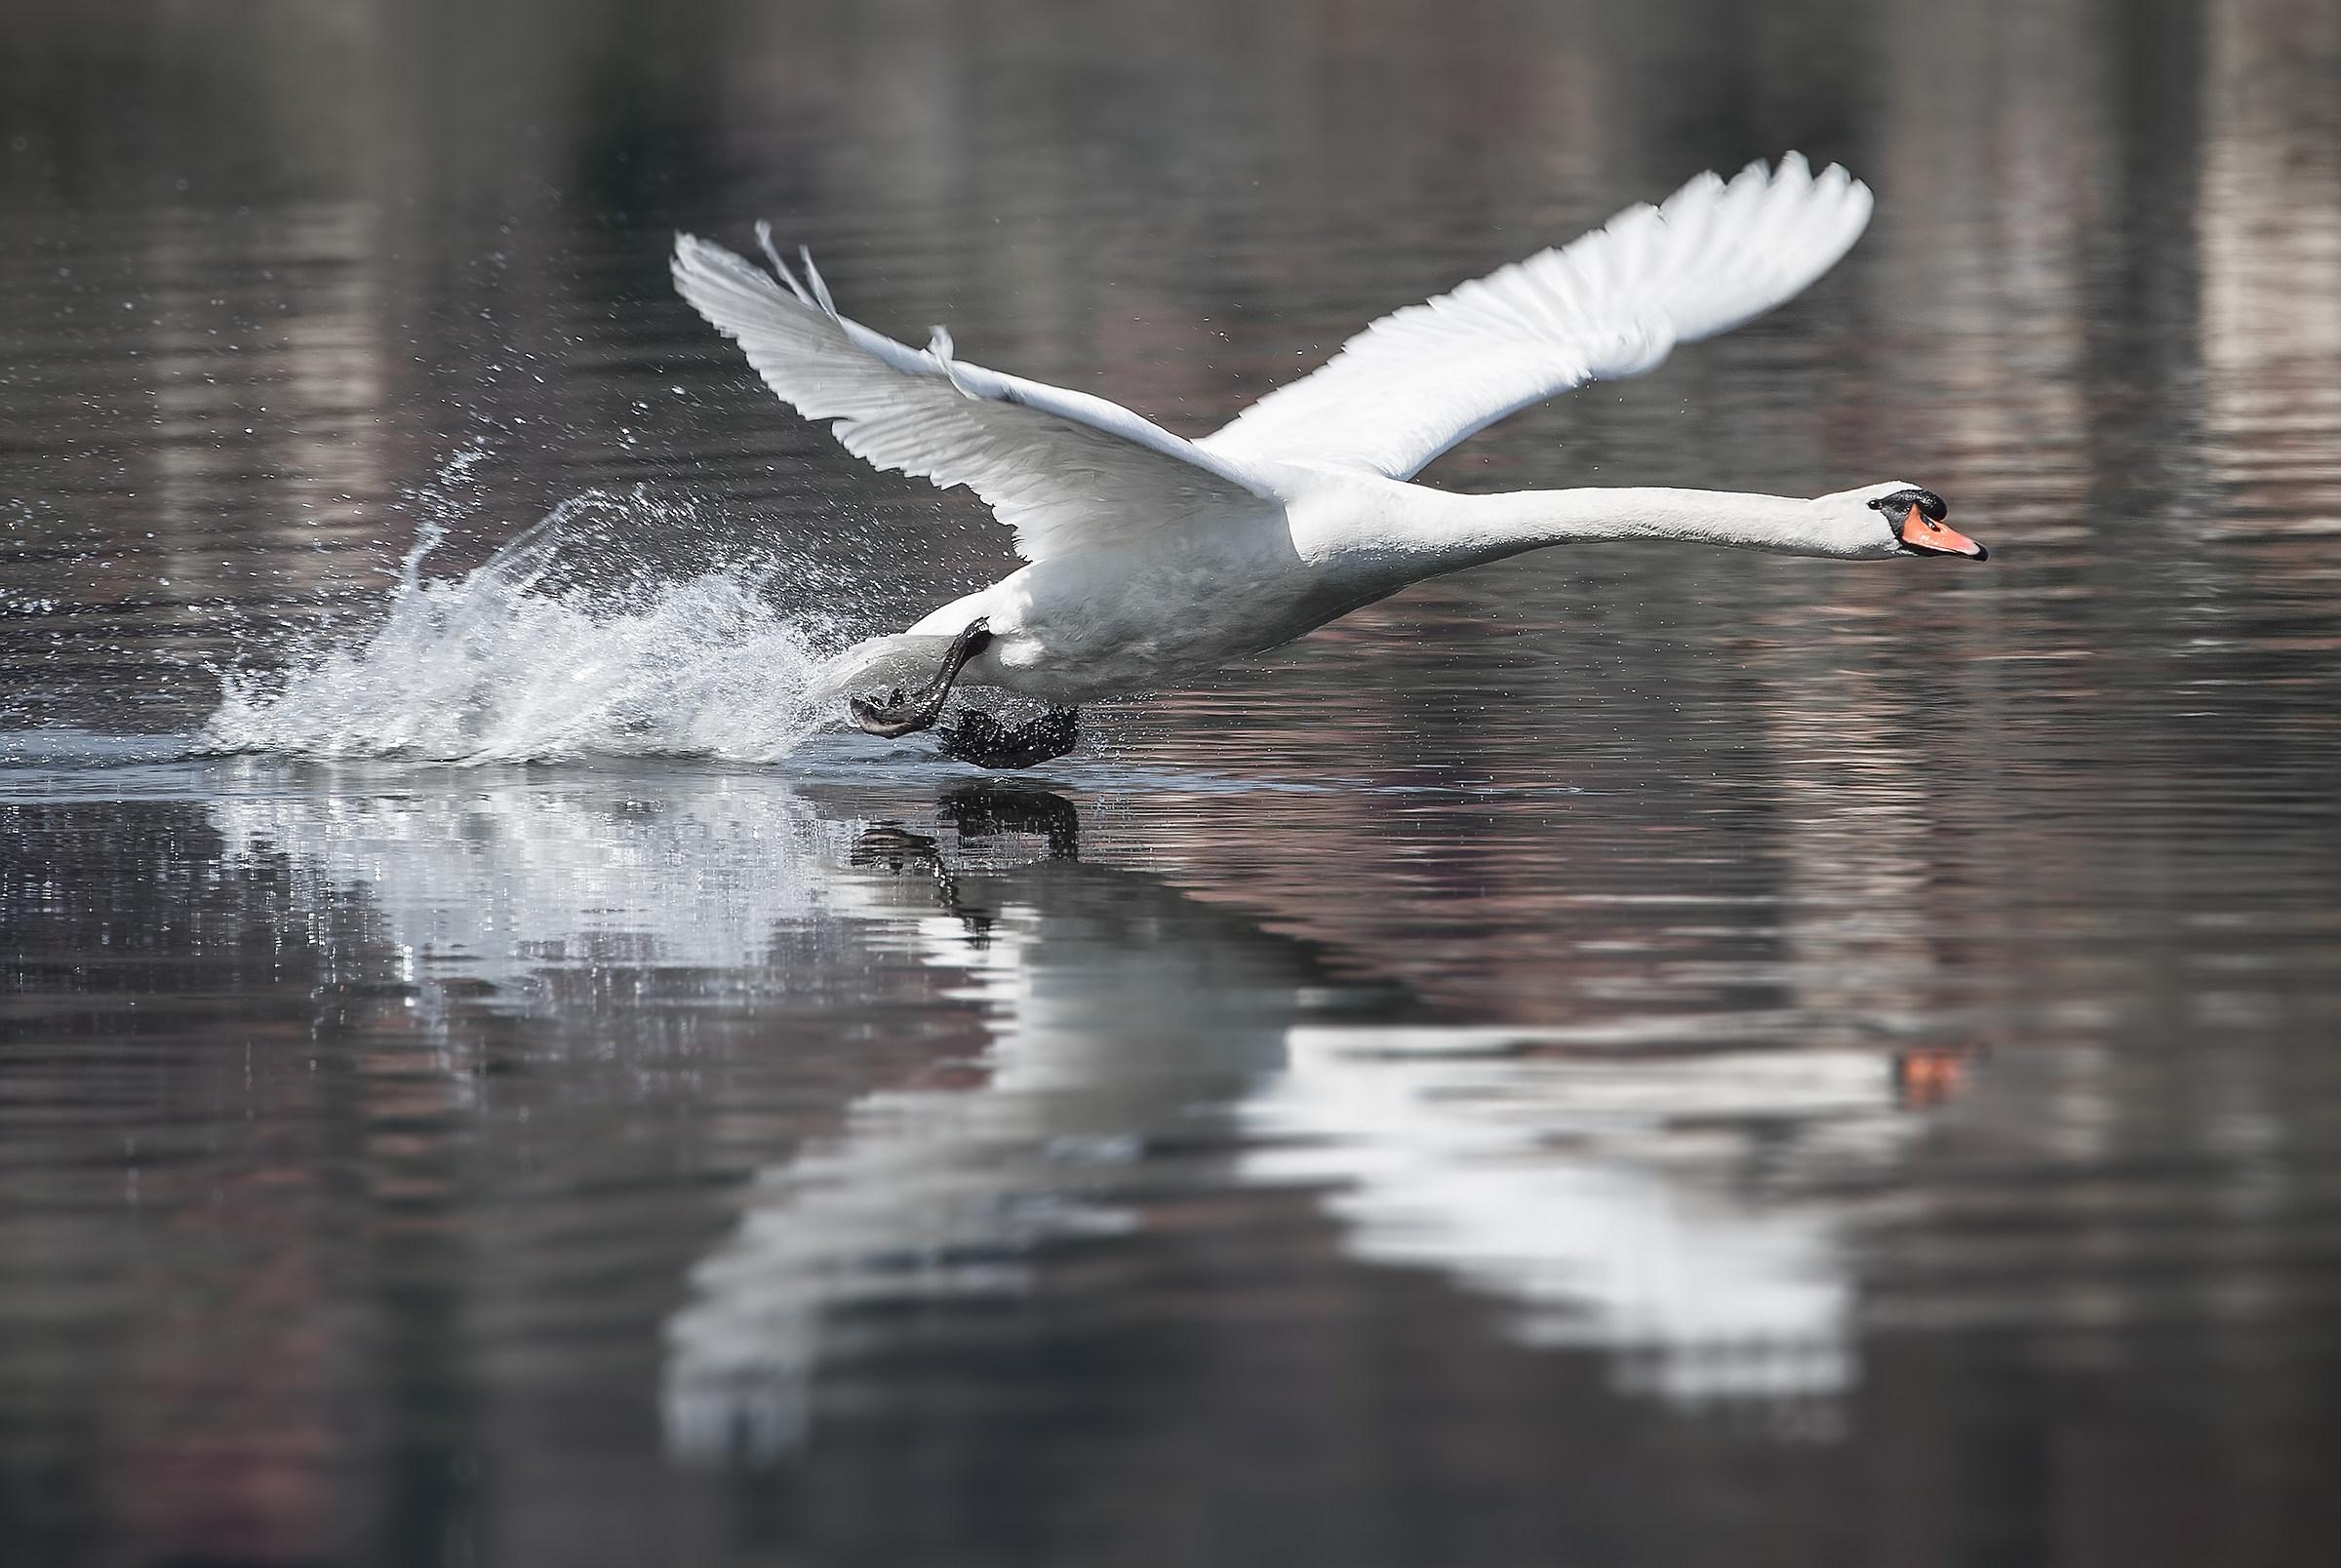 Il decollo del principe del lago...